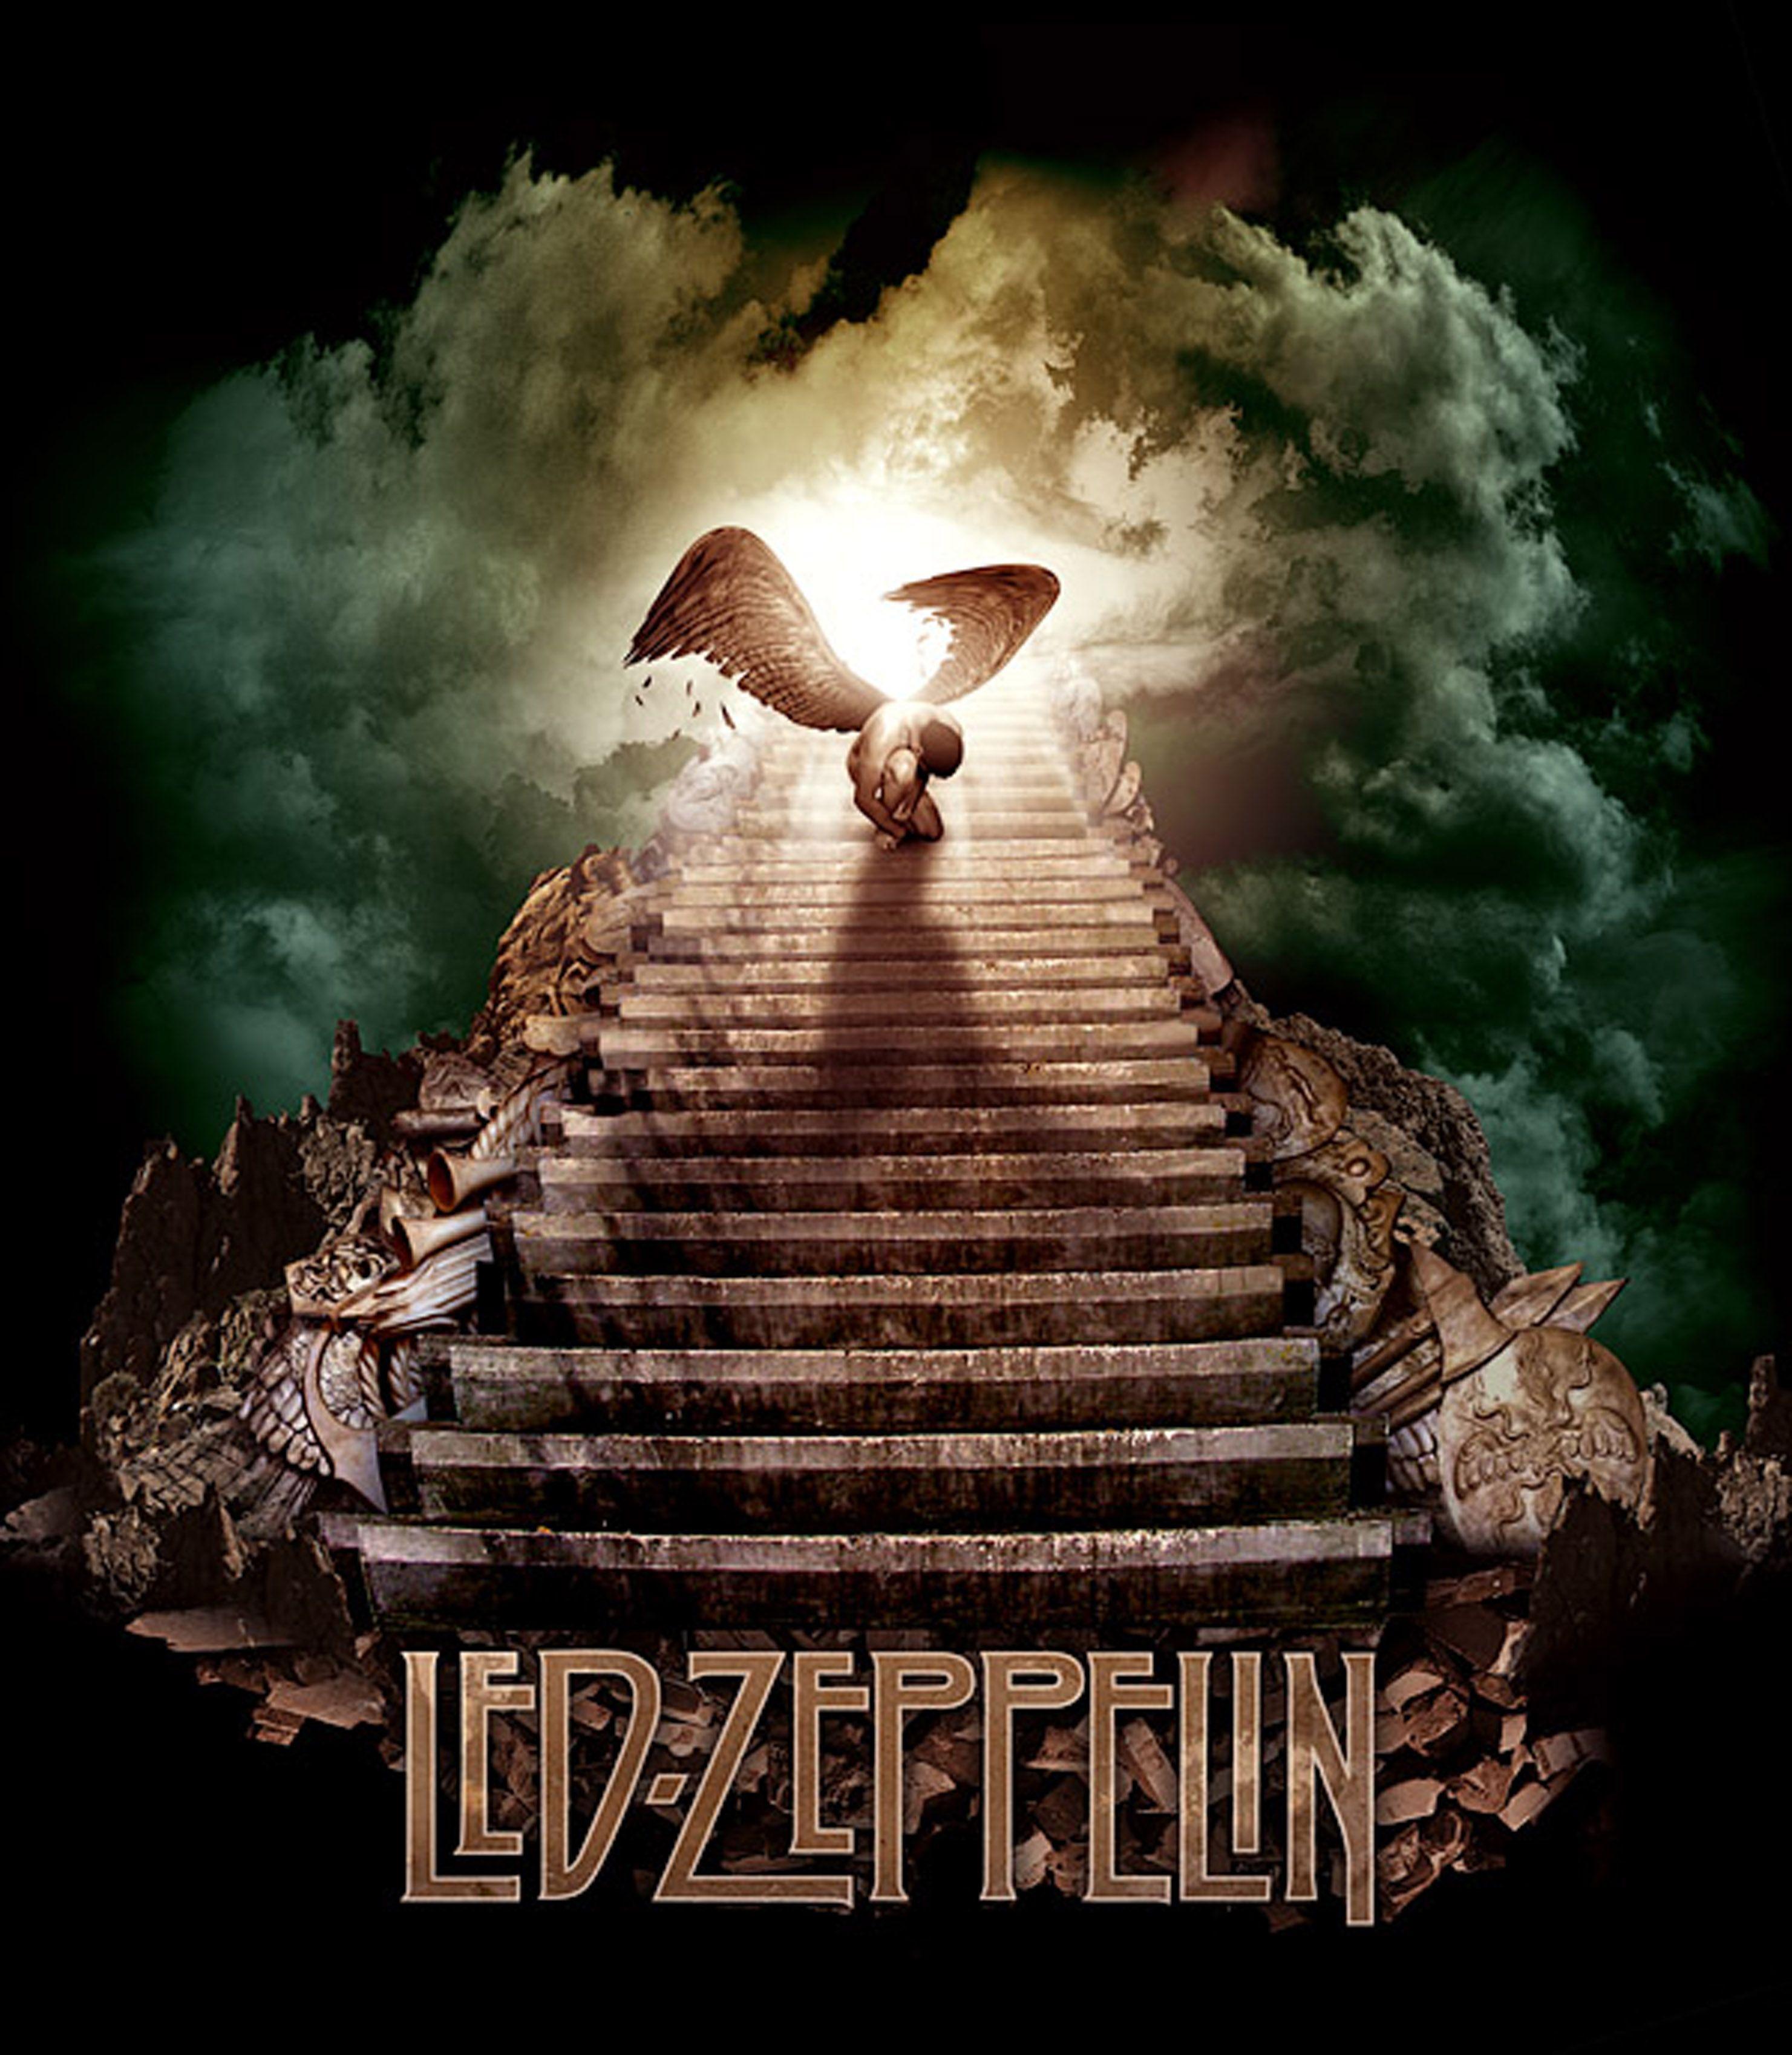 Led Zeppelin Stairway To Heaven Zepp Head Led Zeppelin